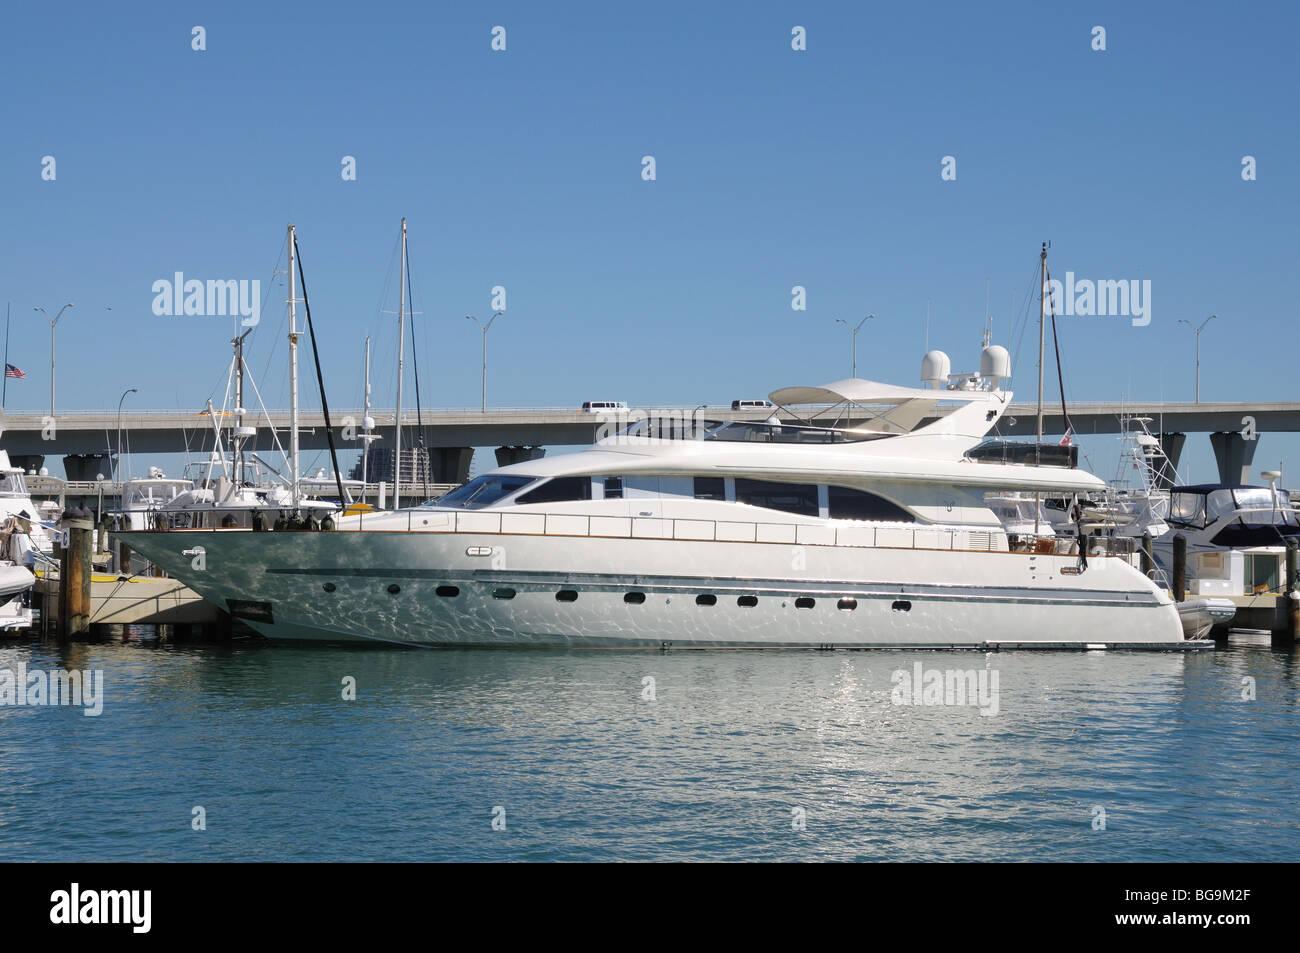 Luxury Yacht at Miami Bayside Marina, Florida - Stock Image